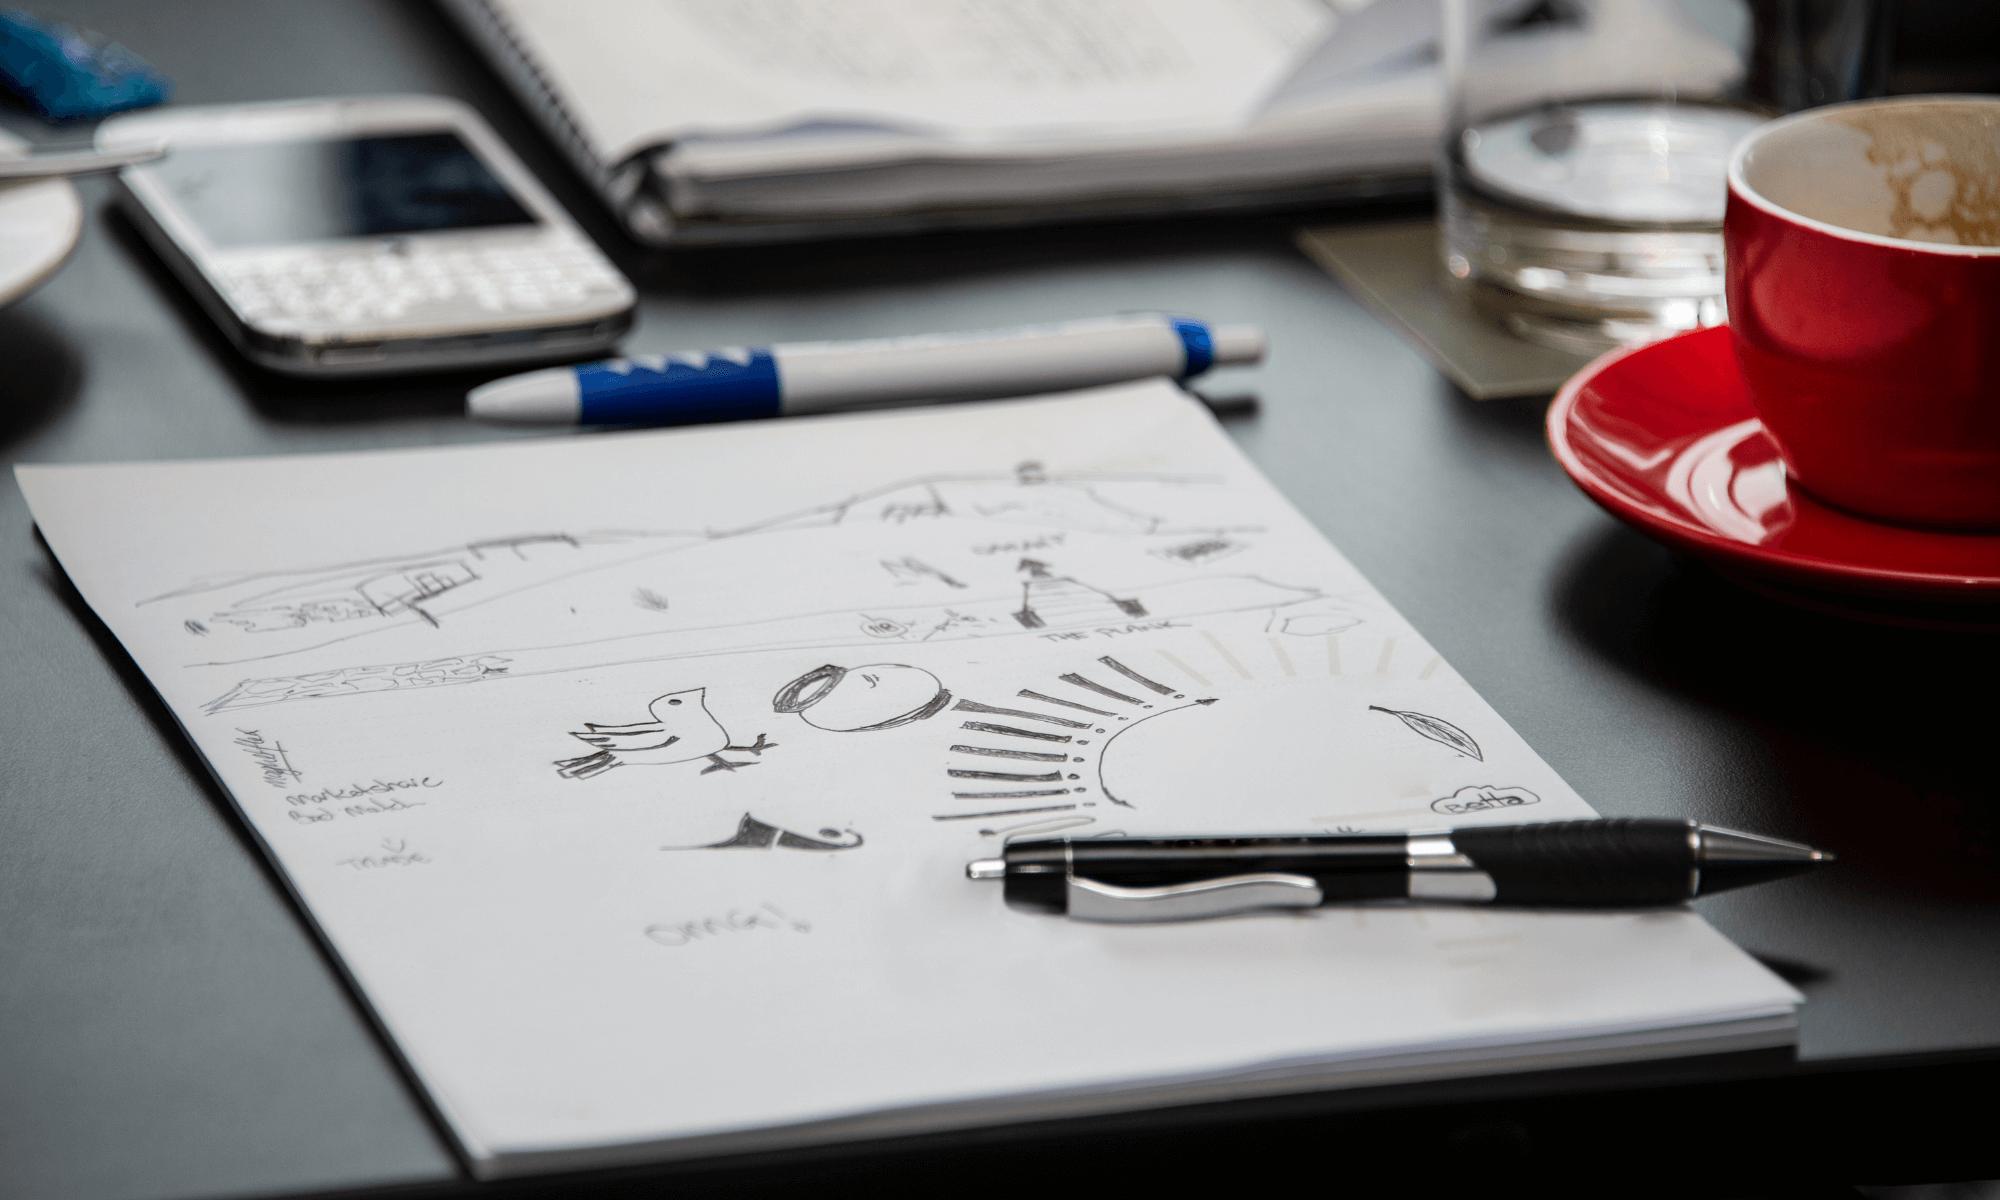 Mønstre tegnet på et stykke papir under et møde